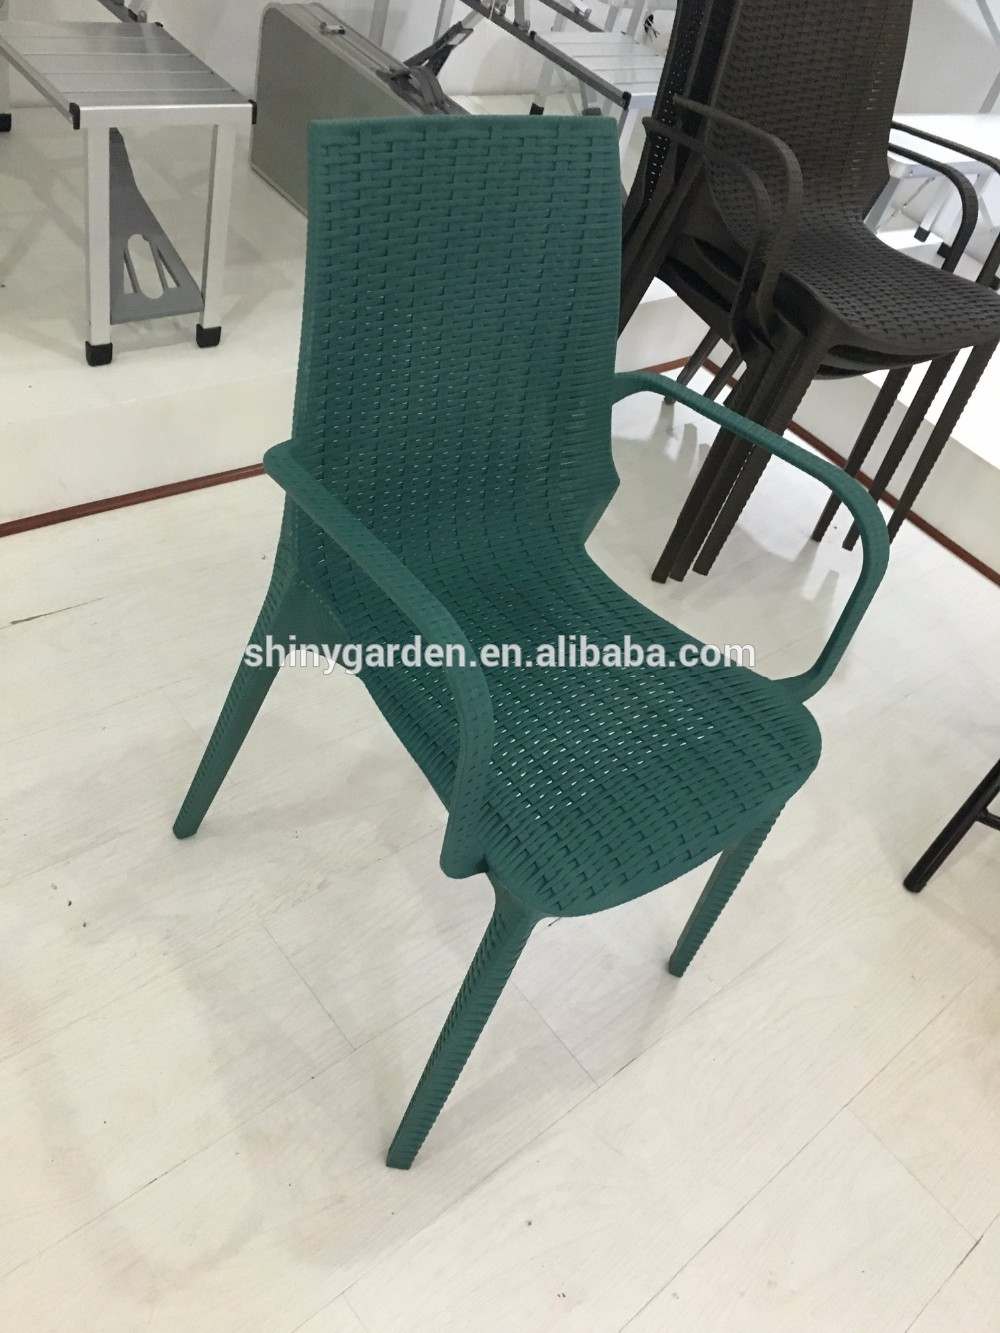 Stuhl 2016 Stapelbar Design neue Kunststoff China Hochzeit ybg7fY6v